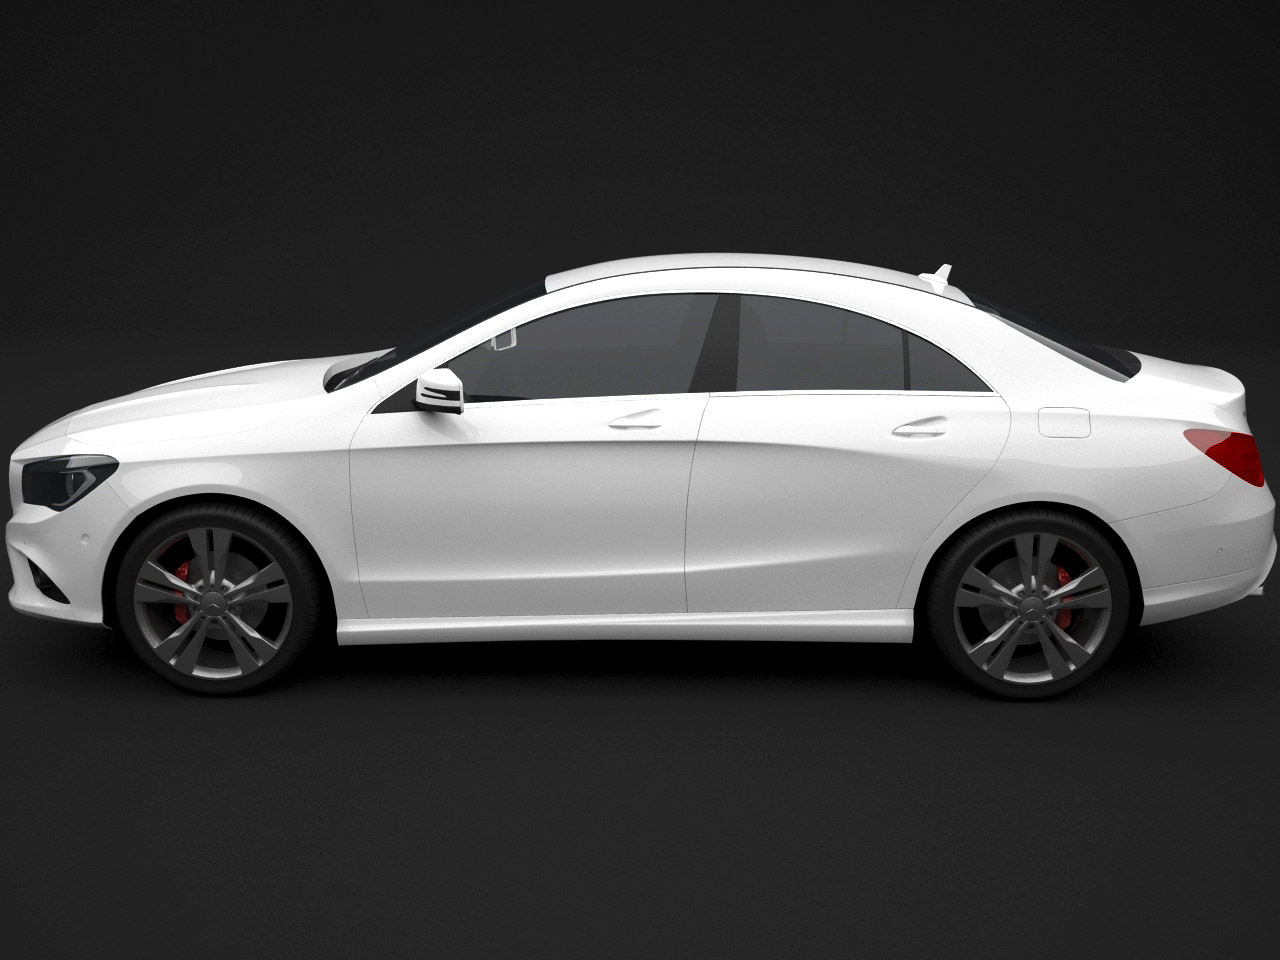 Mercedes cla 2014 4 door 3d model max for Mercedes benz cla 2 door